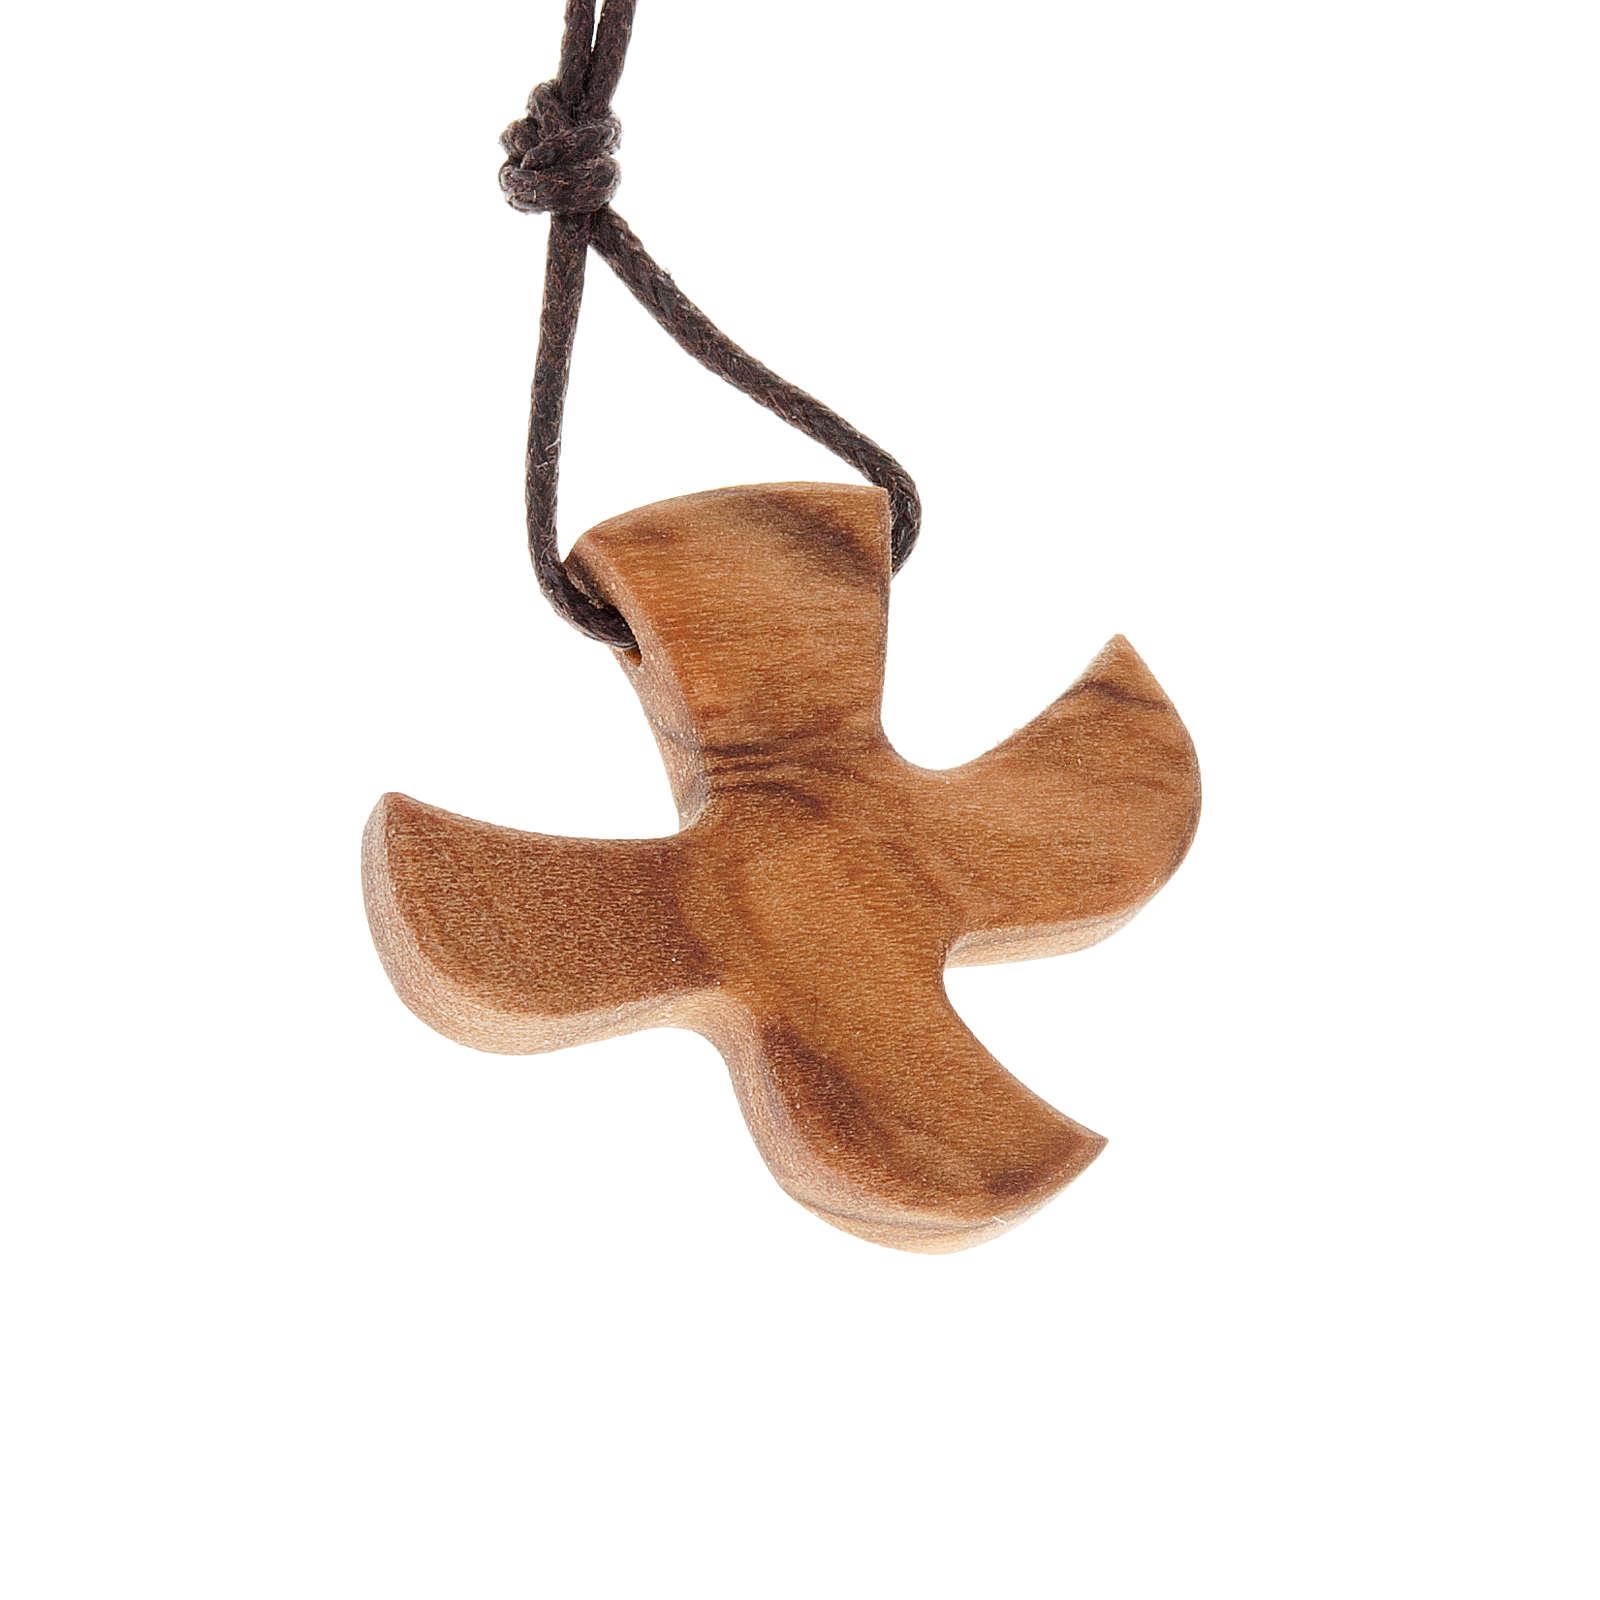 Medaglia forma colomba legno d'ulivo 4